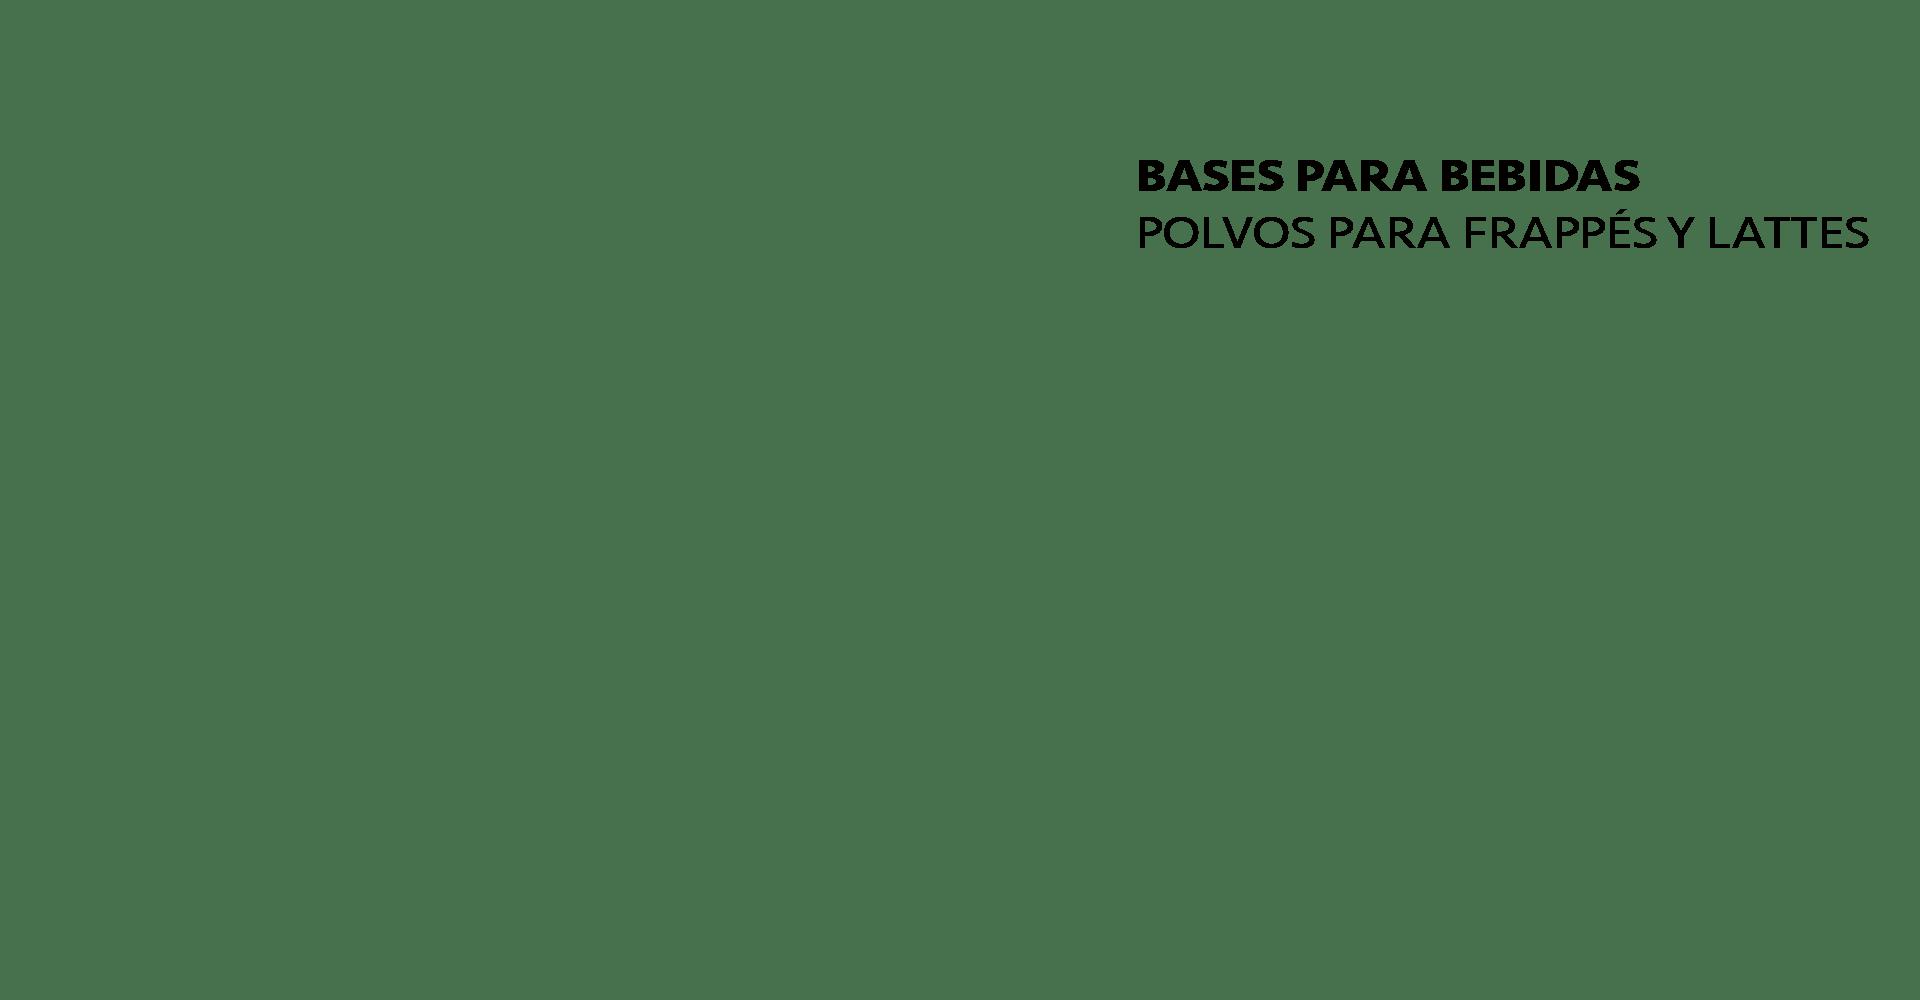 Bases para bebidas Polvos para Frappes Bases Neutras Polvos para Lattes Titulo